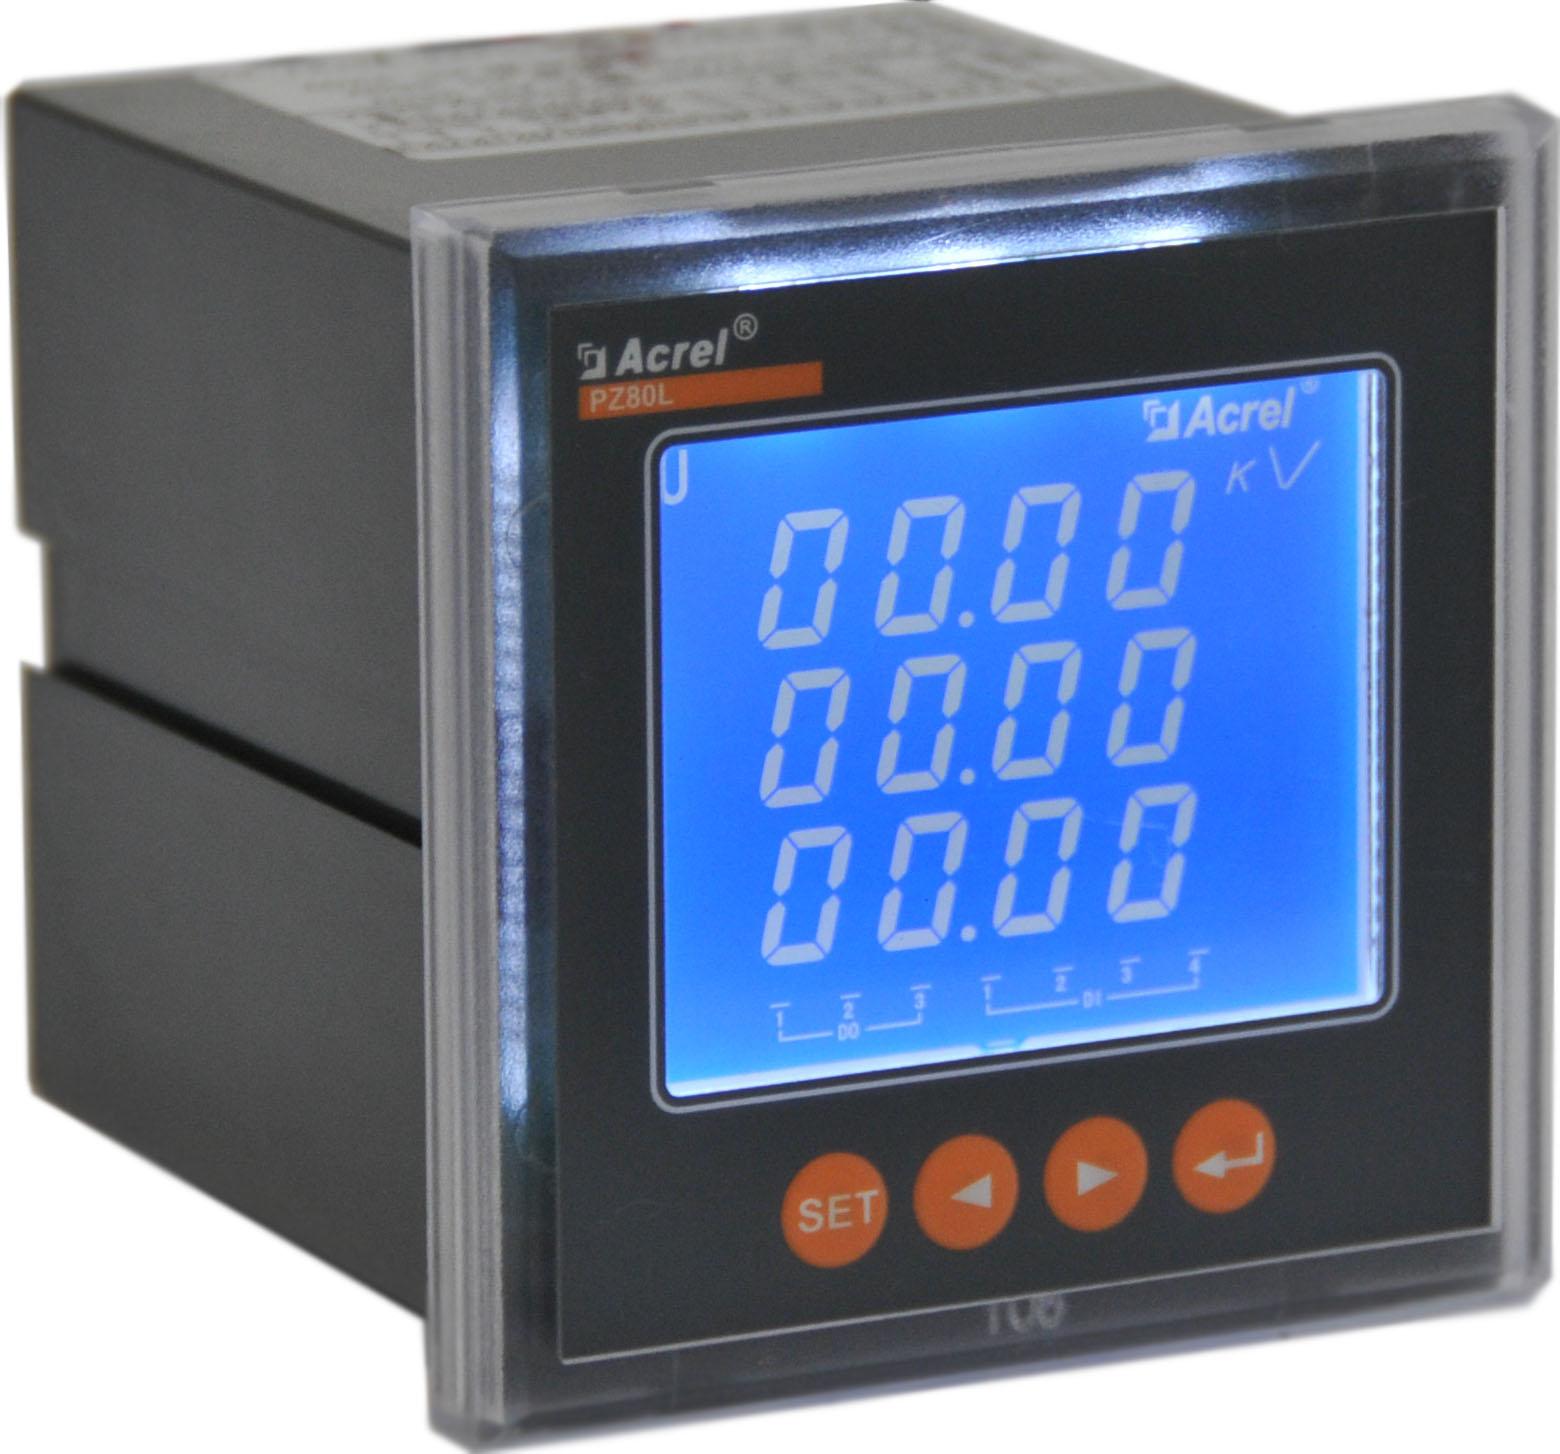 安科瑞直销 PZ96L-E4/2M 电能表电度表 2路模拟量 RS485通讯 包邮